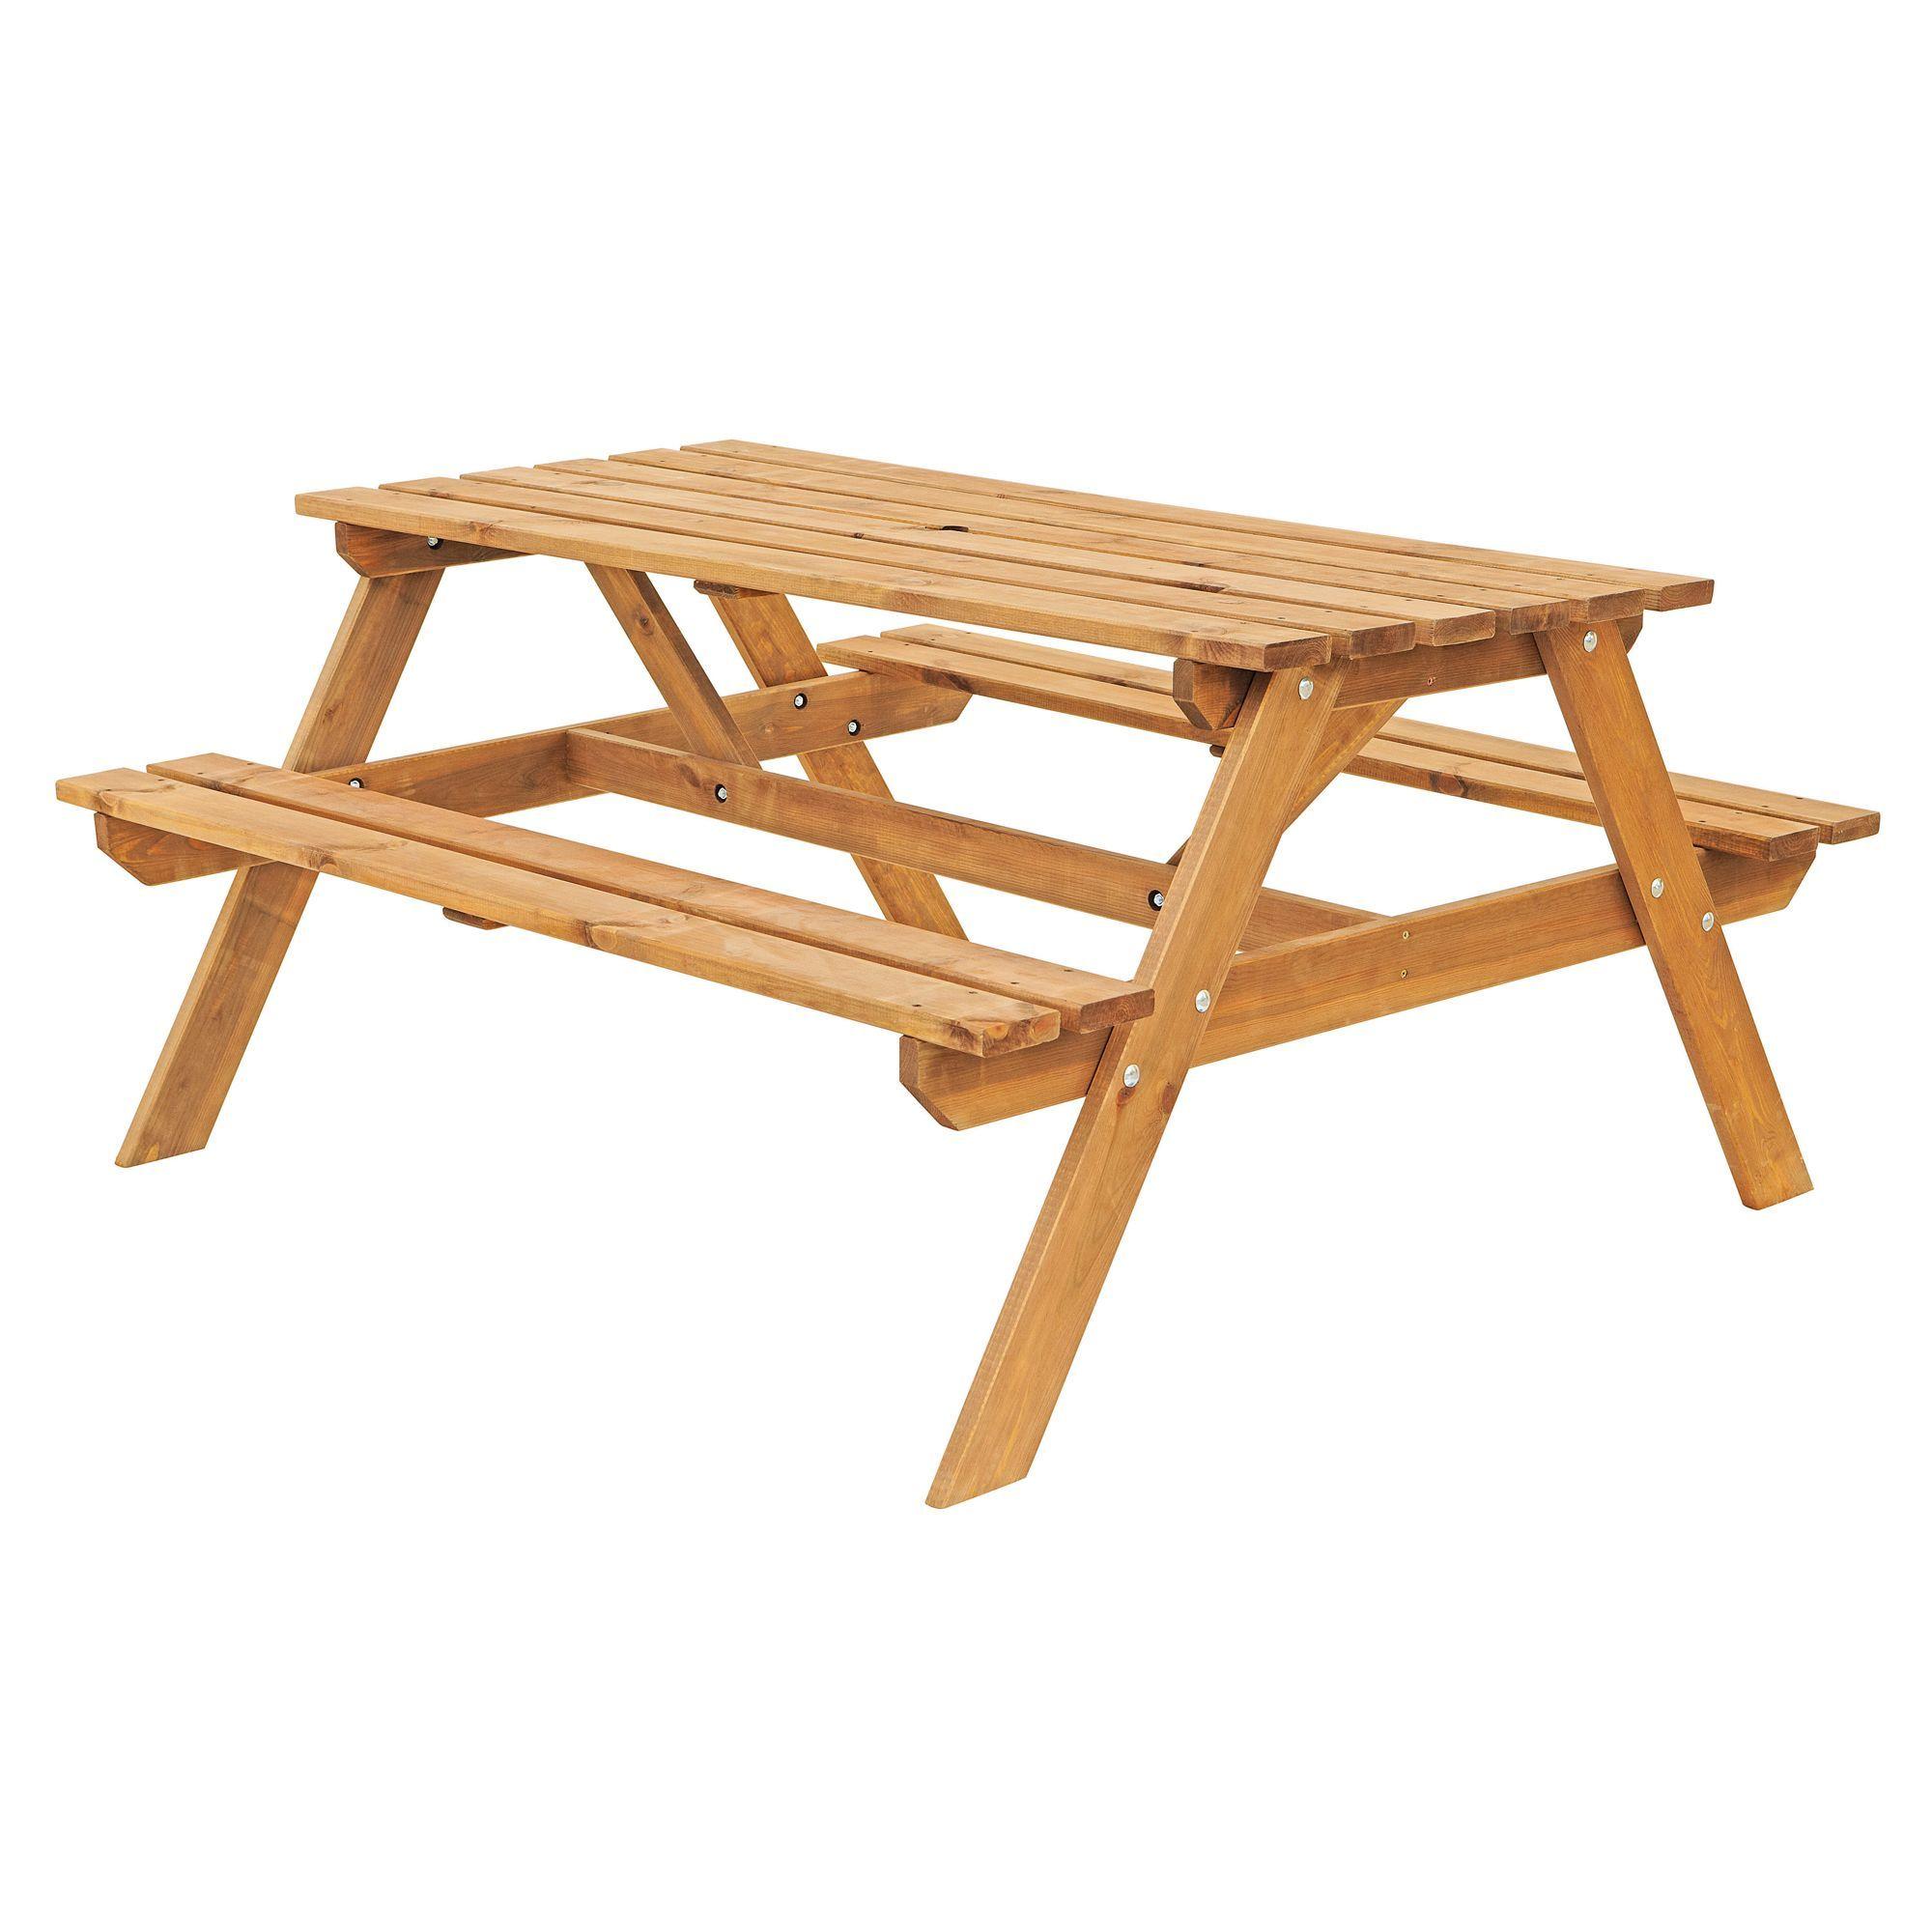 Batam Timber Picnic Bench Top Outdoor Furniture Bu0026amp;q Part 49